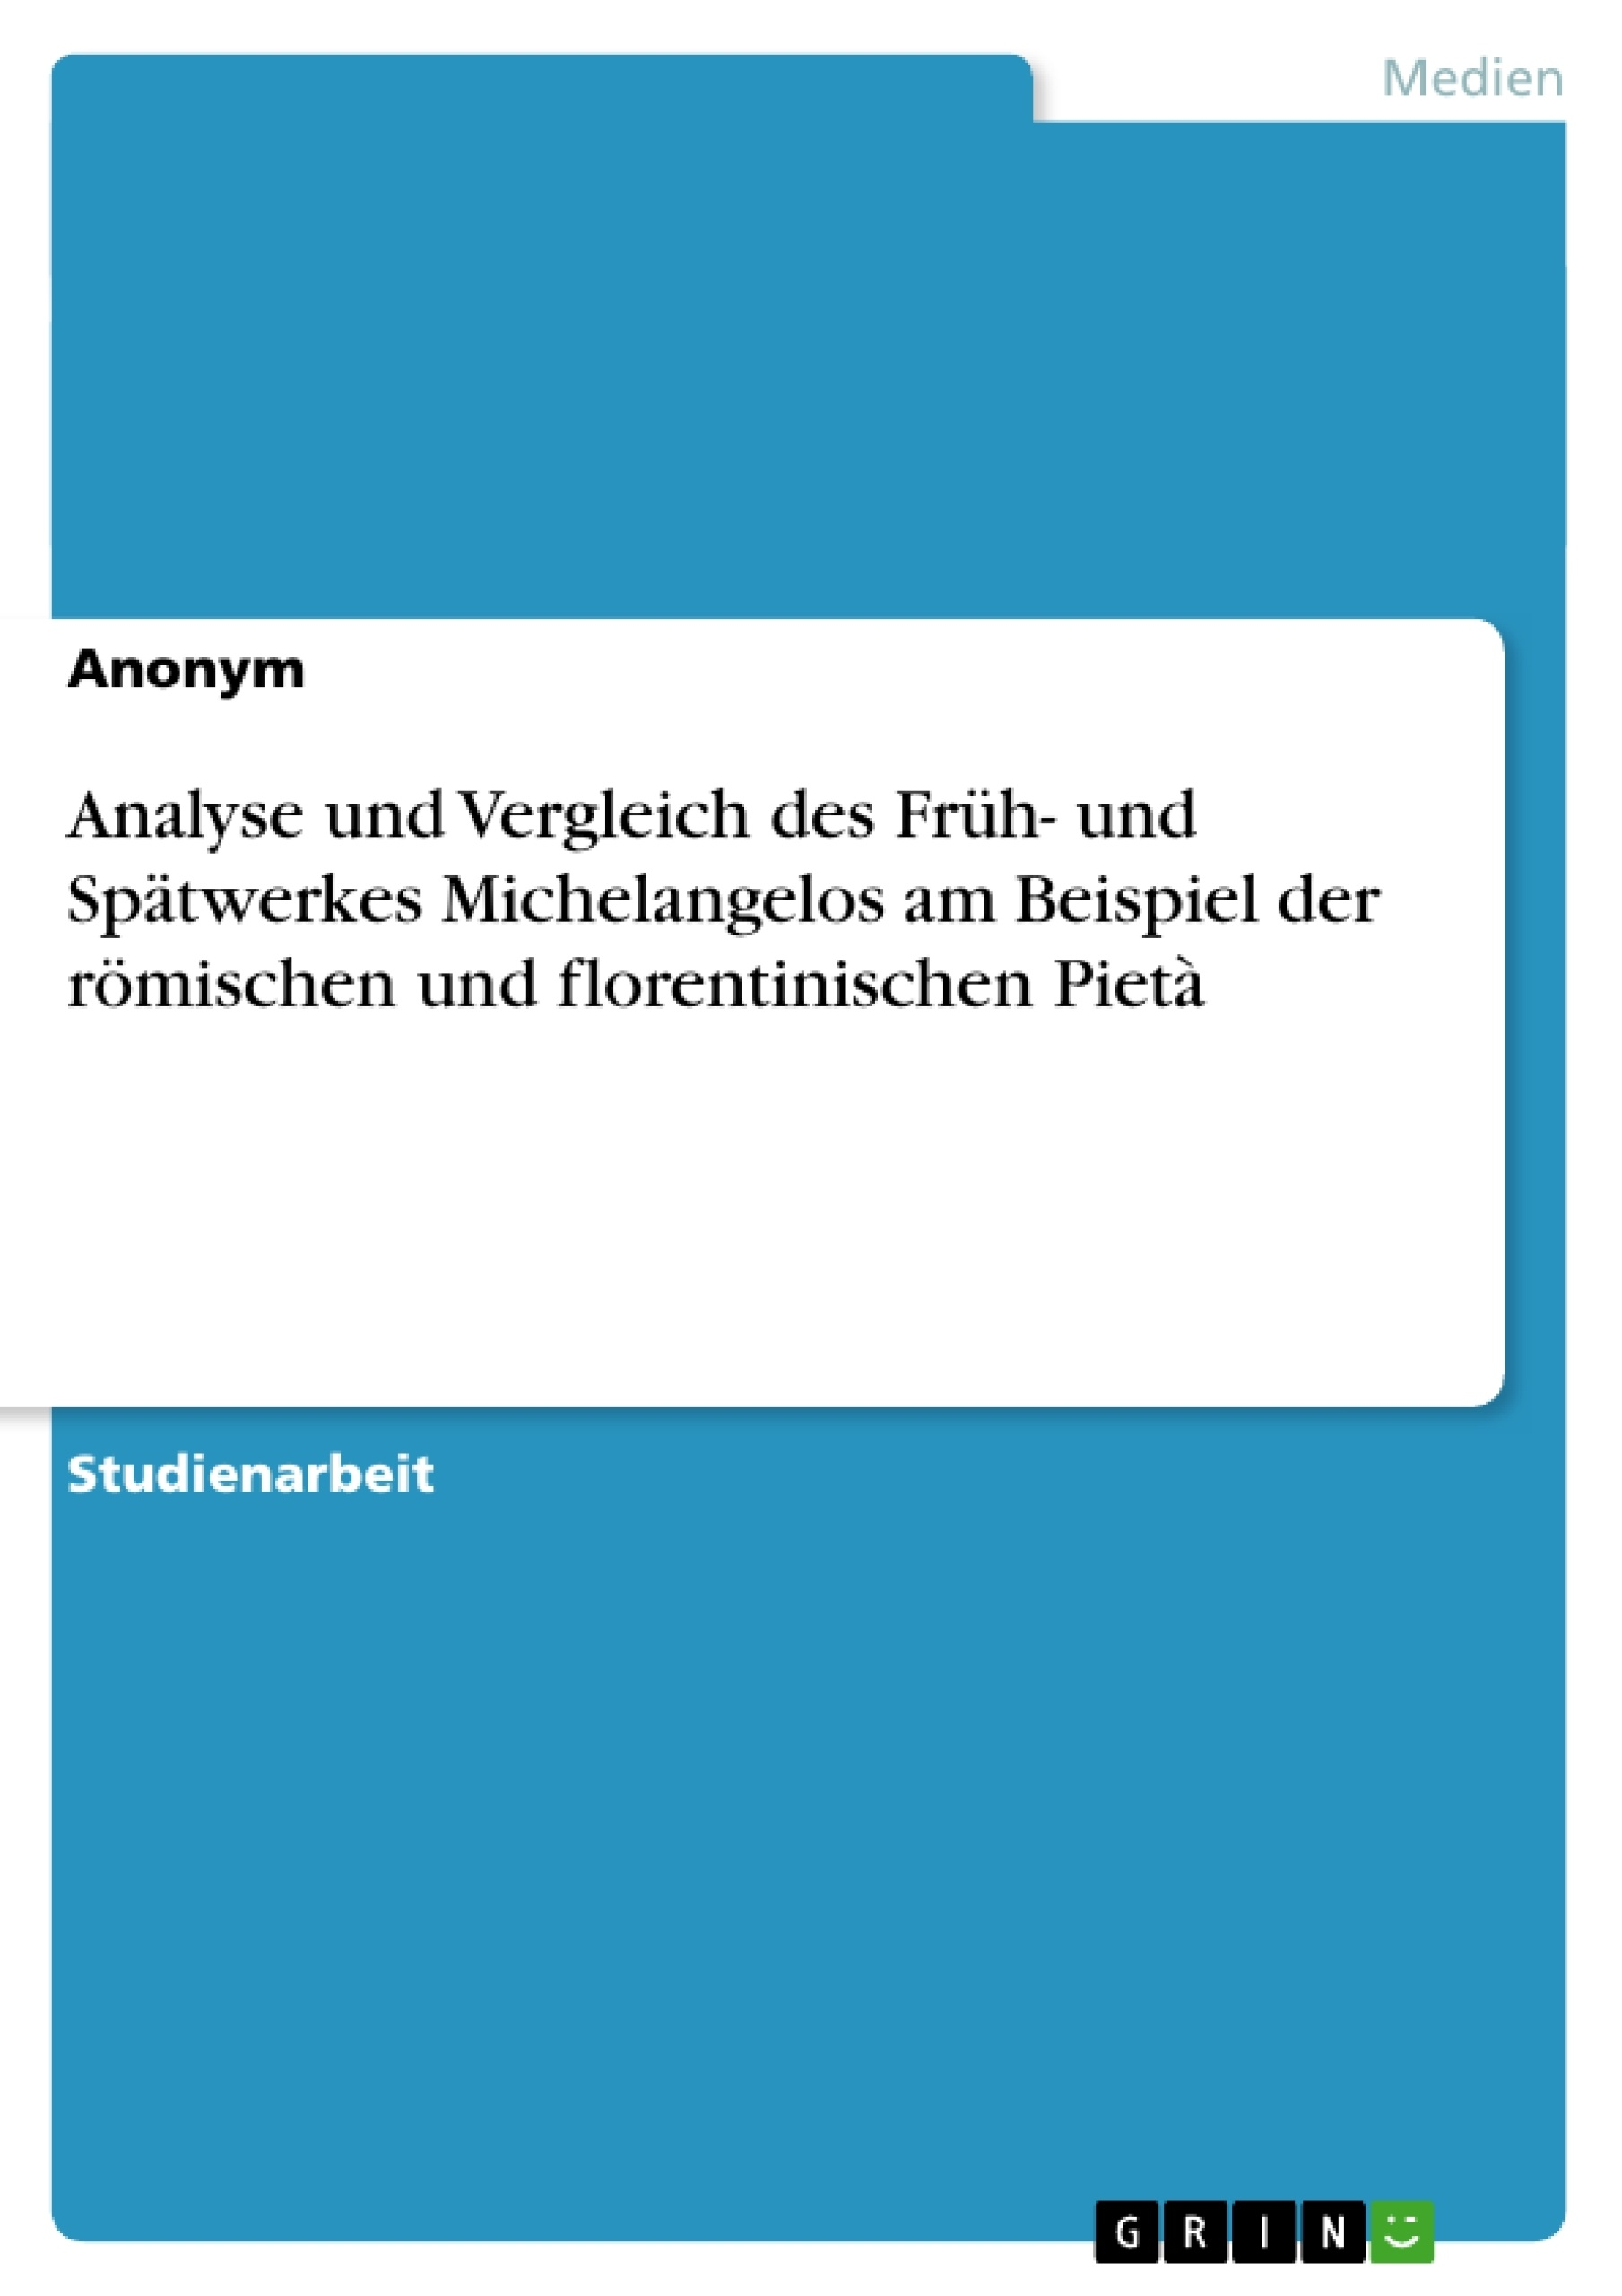 Titel: Analyse und Vergleich des Früh- und Spätwerkes Michelangelos am Beispiel der römischen und florentinischen Pietà